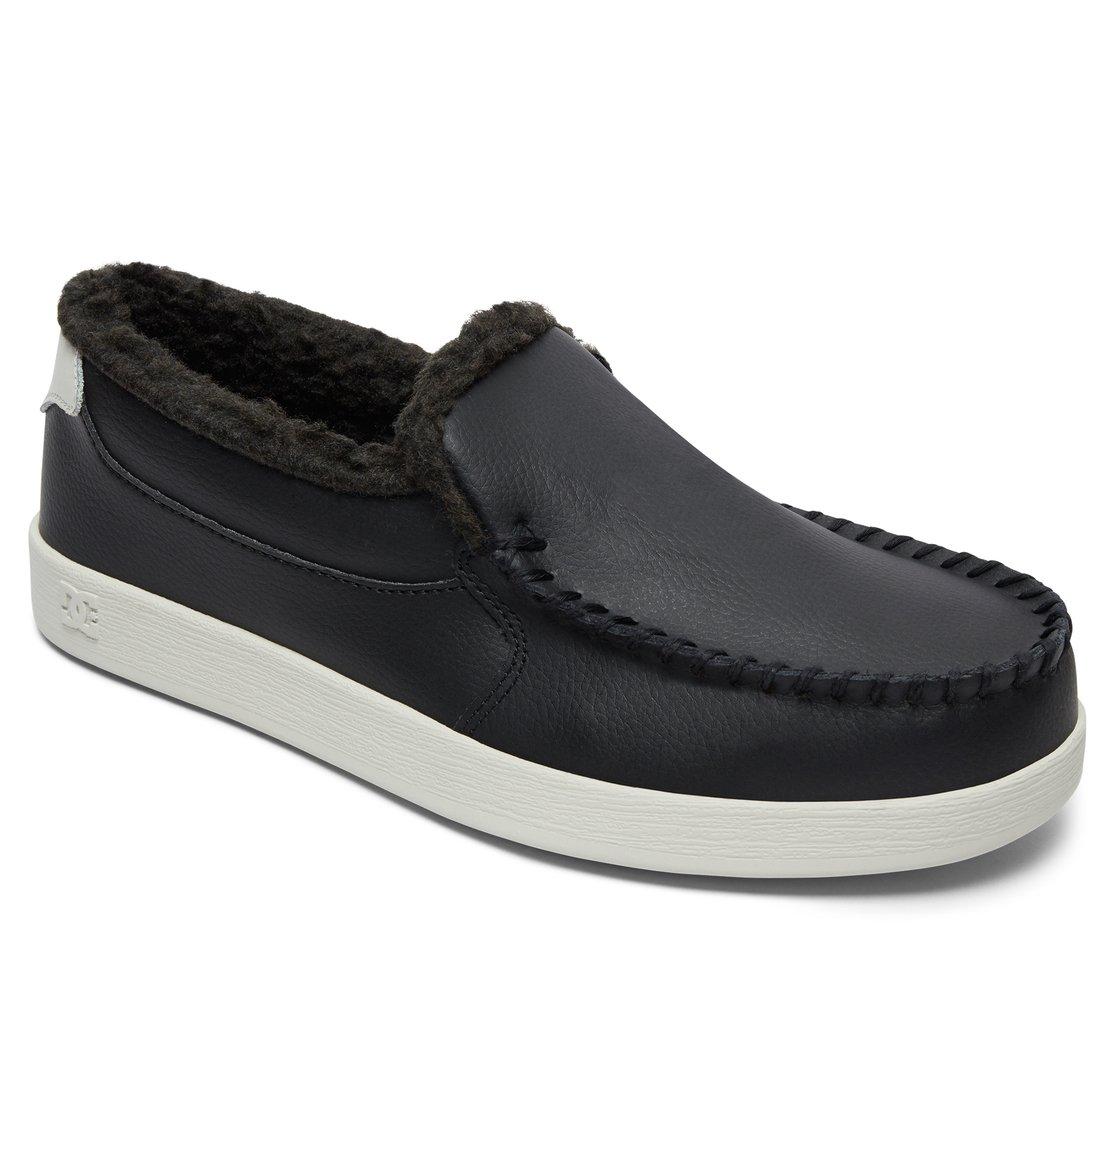 Dc Villain Shoes Uk